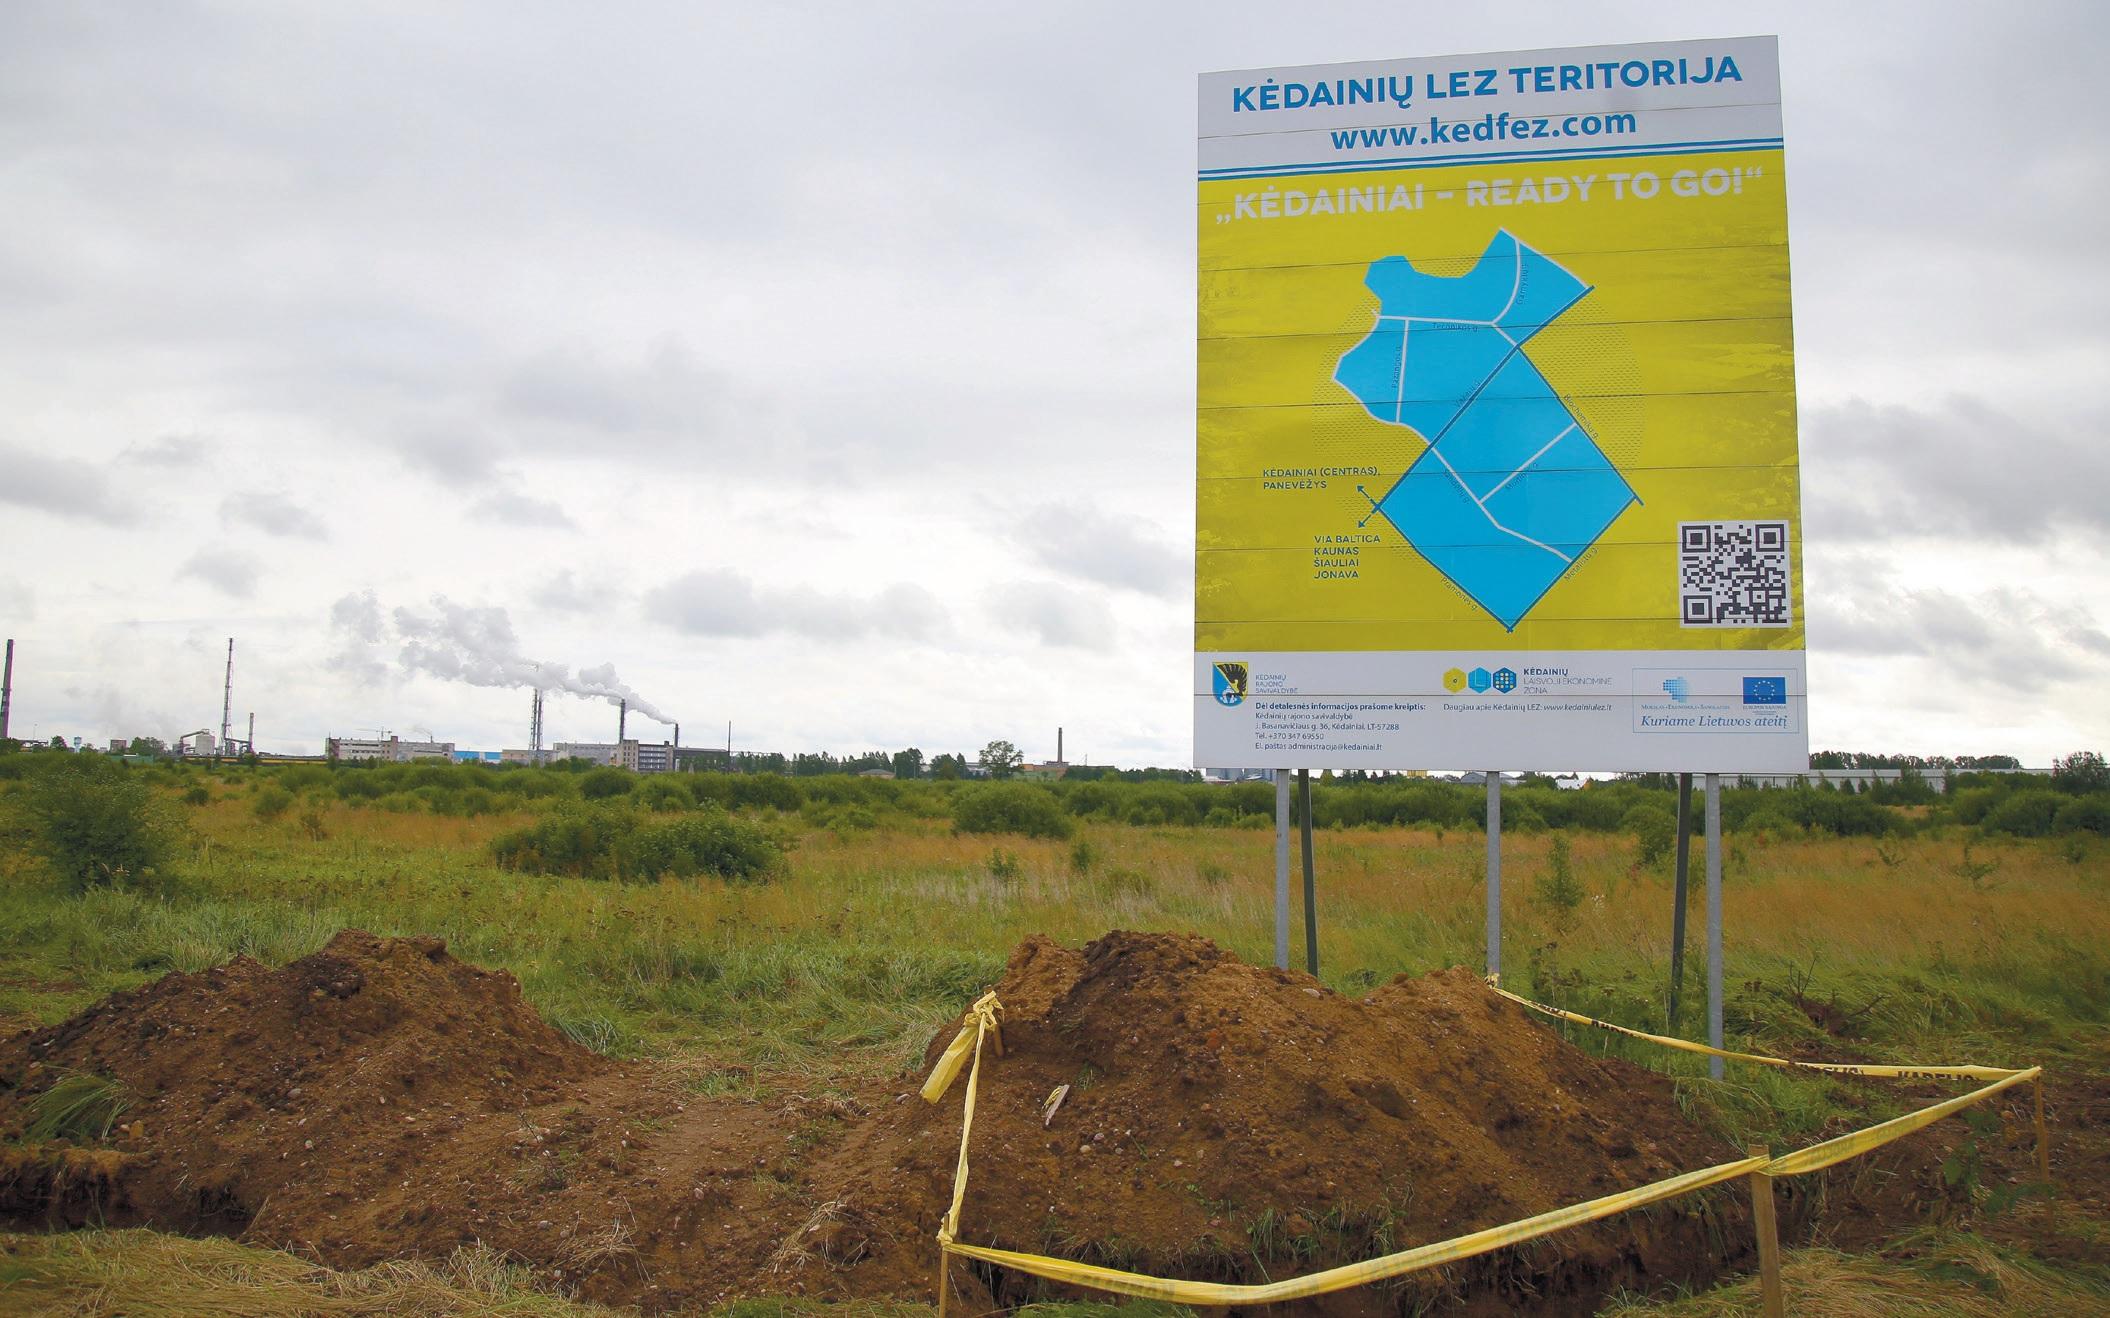 """Pasak Živilės Kazlauskaitės, labai svarbu kaip įmanoma greičiau išvystyti likusią Kėdainių LEZ teritoriją, kas leistų suformuoti apie 80 ha teritorijos, tinkančios investiciniams projektams./""""Rinkos aikštės"""" archyvo nuotr."""